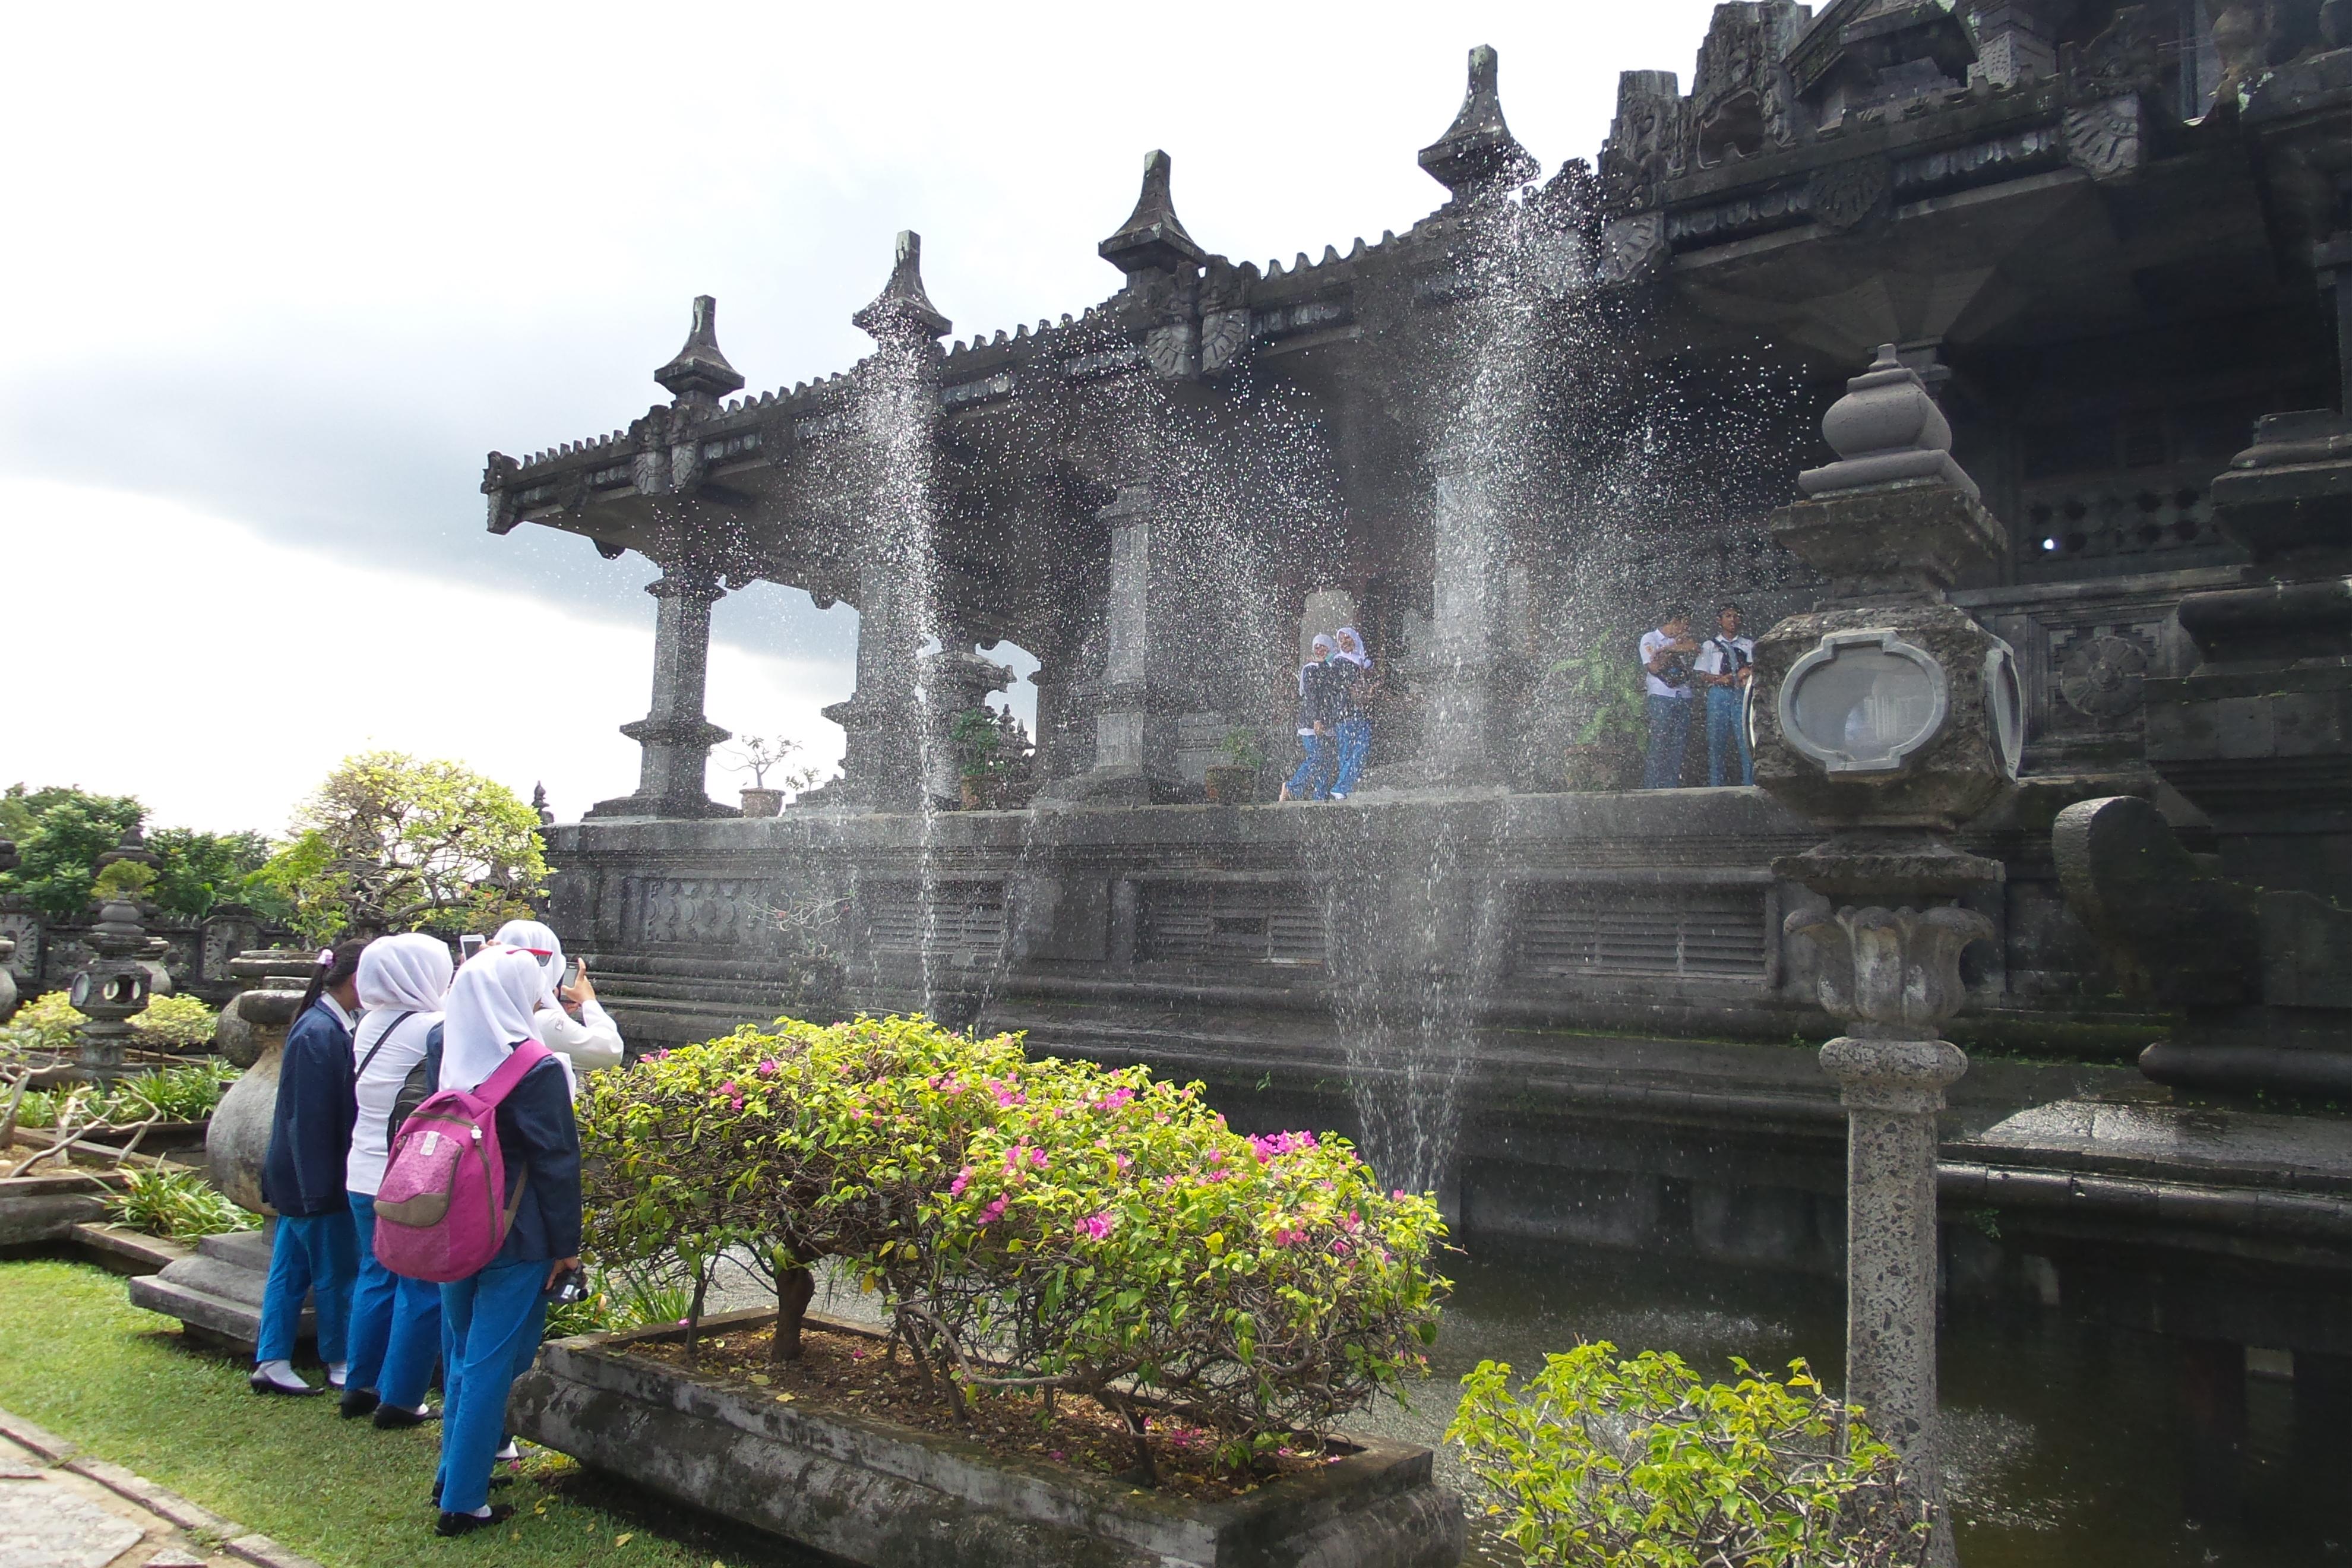 Bajra Sandhi Bali Kura Guide Dibagi Menjadi 3 Tiga Area